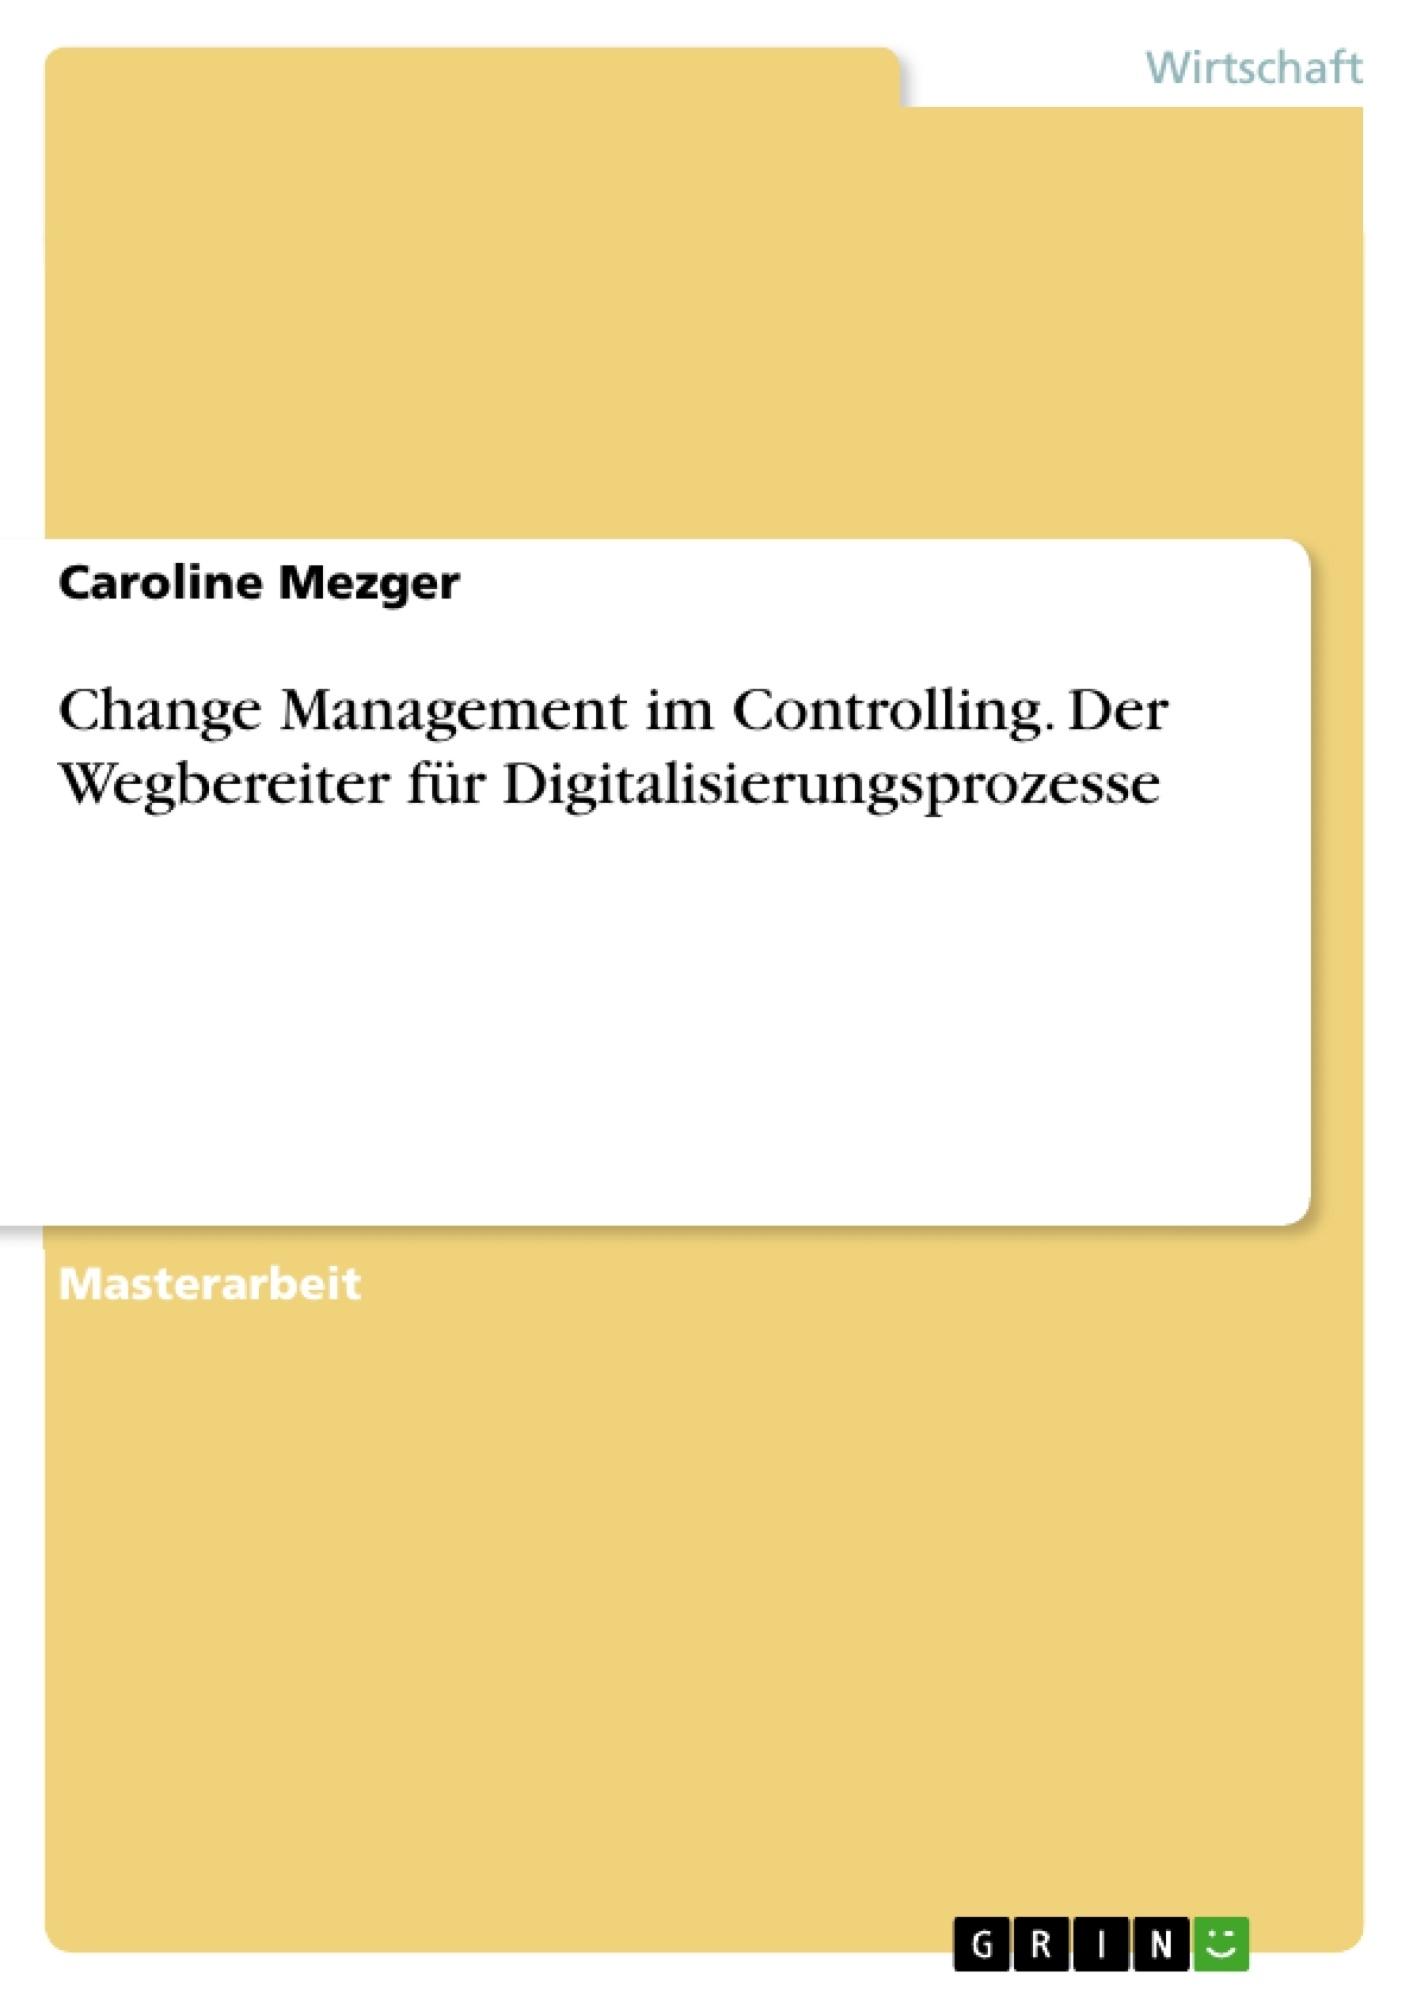 Titel: Change Management im Controlling. Der Wegbereiter für Digitalisierungsprozesse